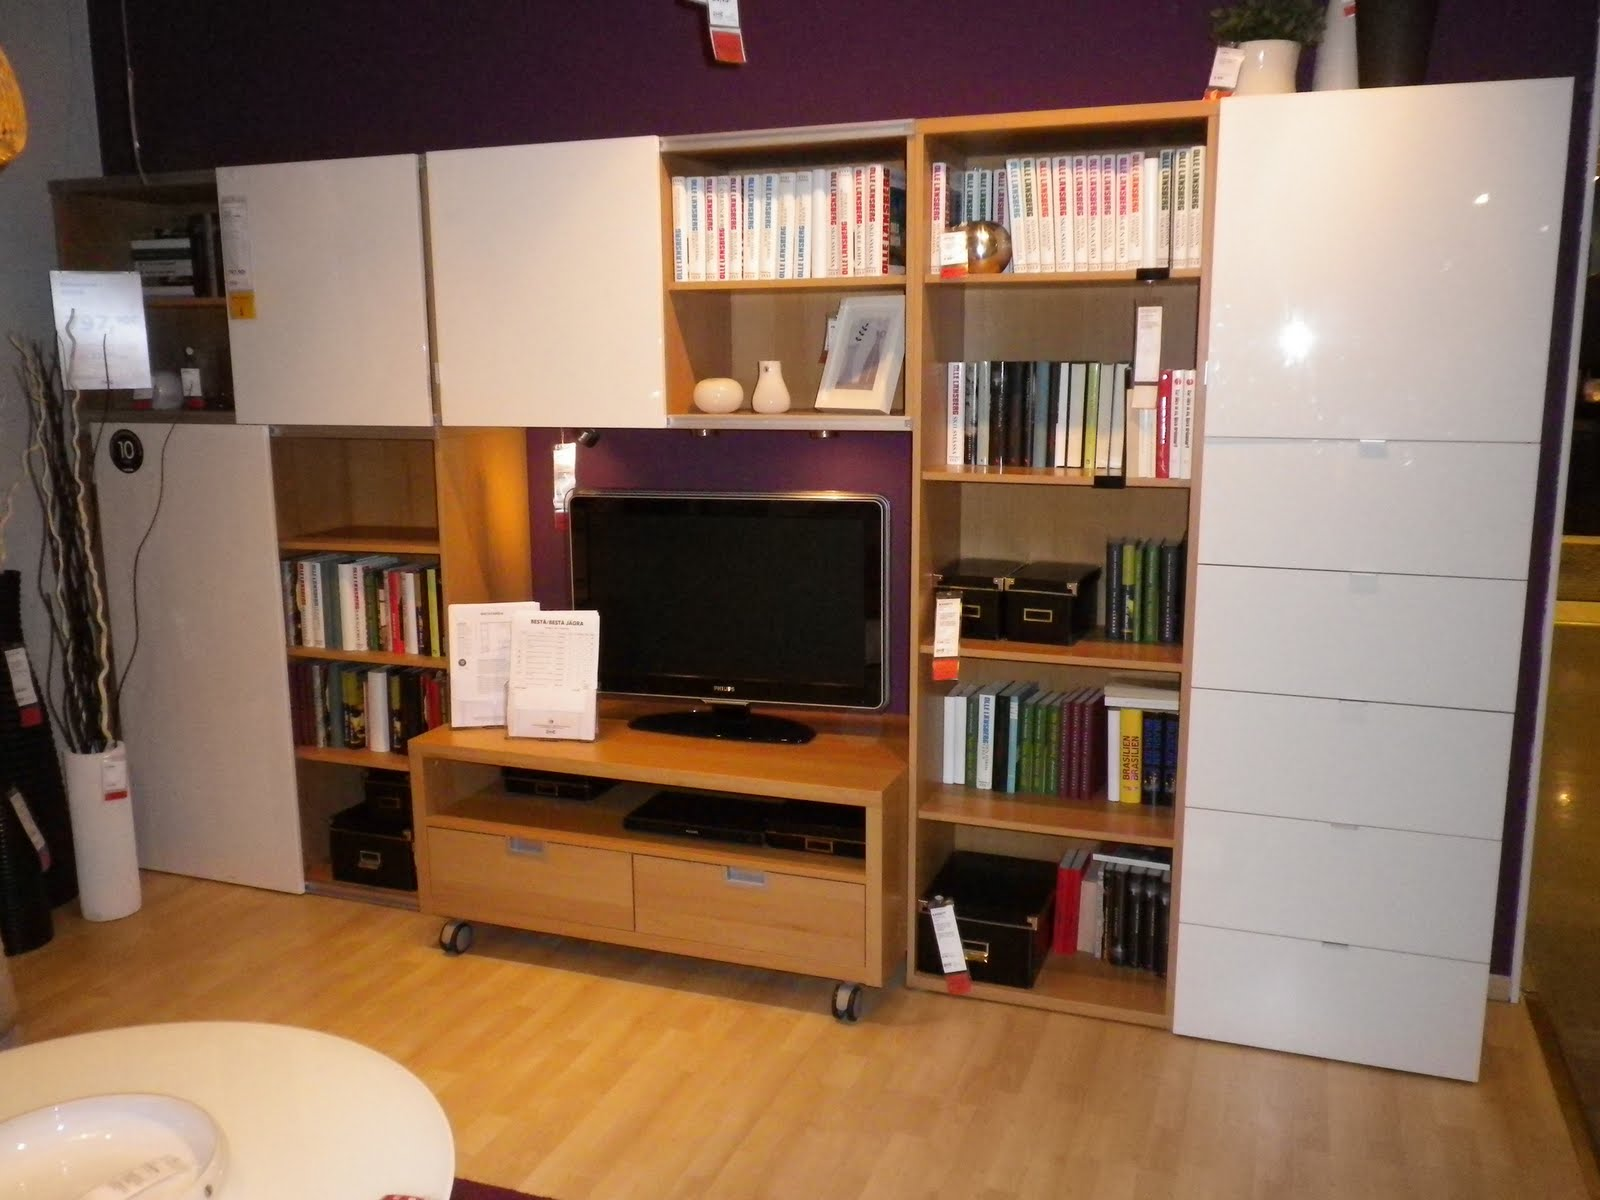 Salones besta de ikea madrid del este iii - Ikea salones besta ...